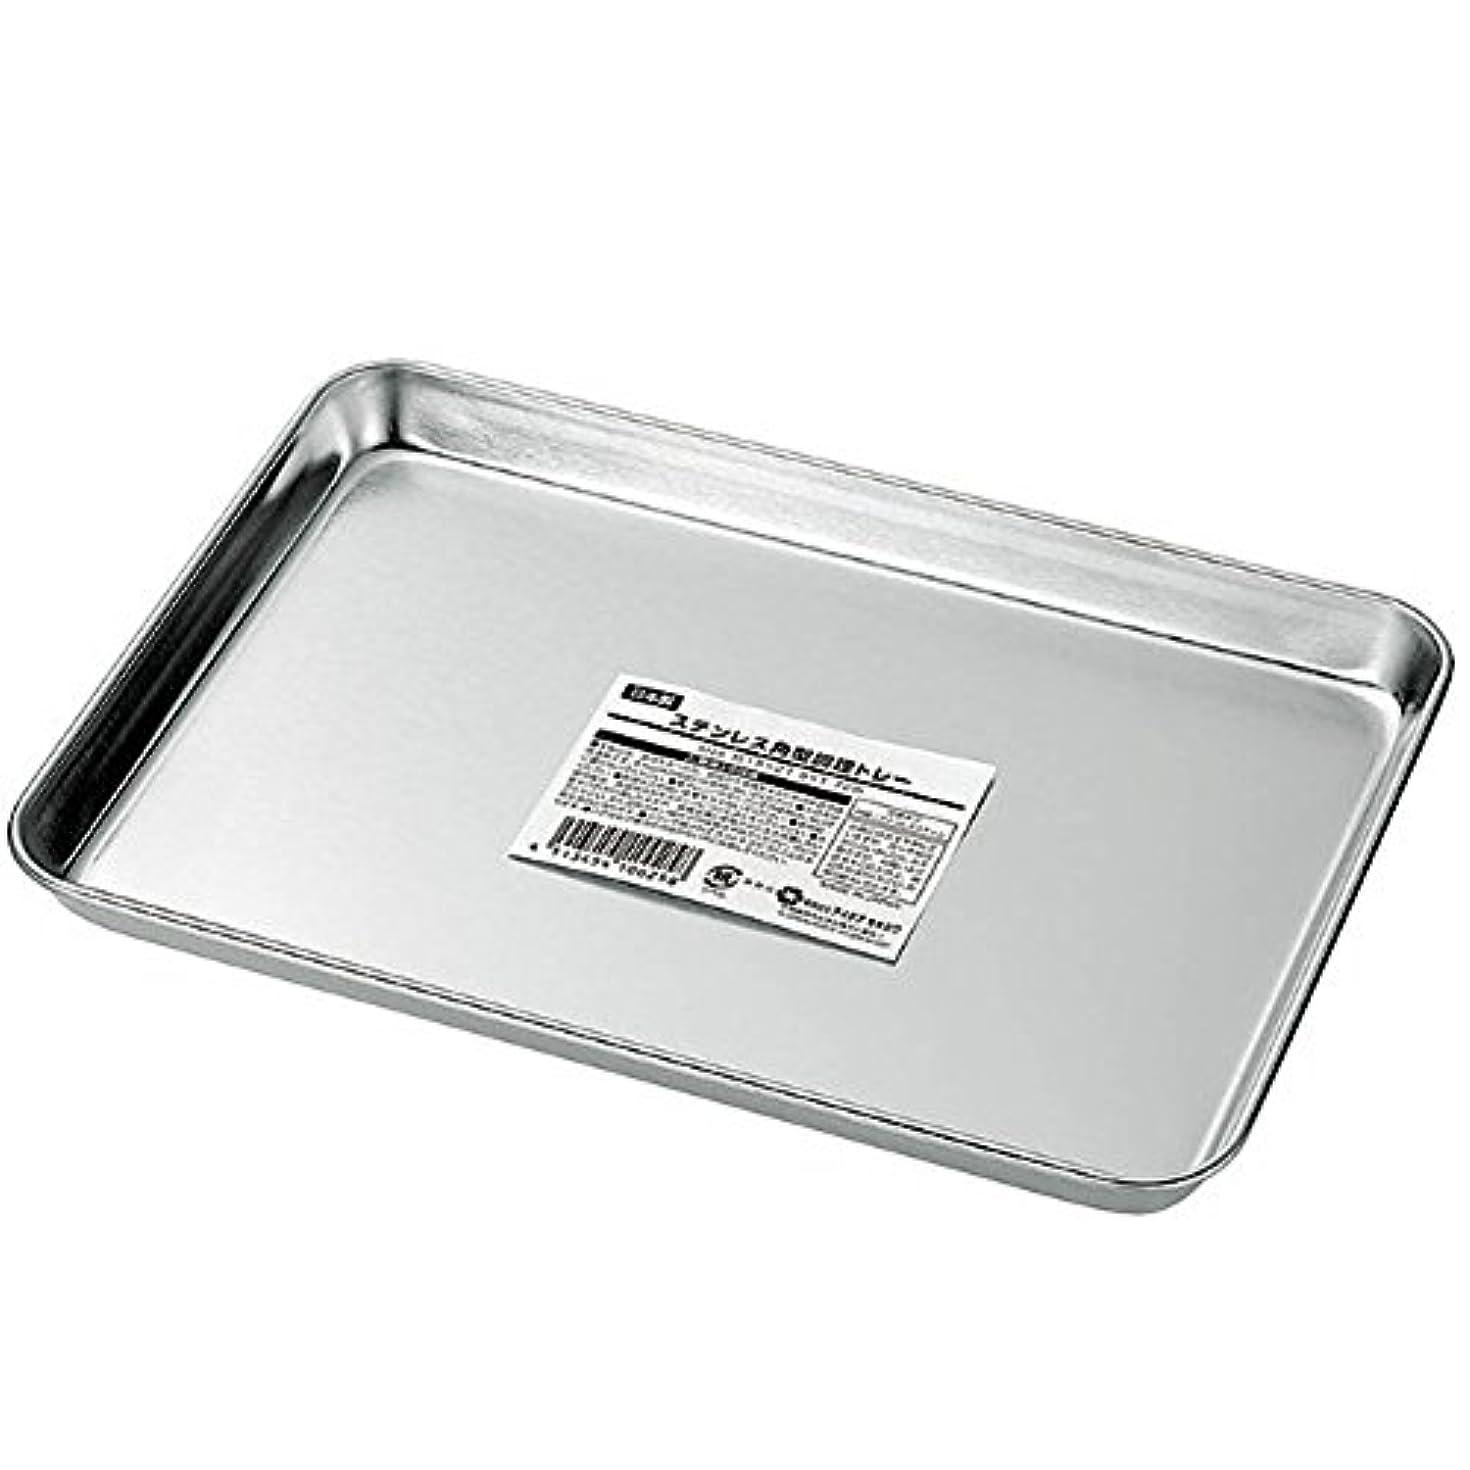 領事館請求可能売上高エコー金属 ステンレス角型調理トレー 0321-099